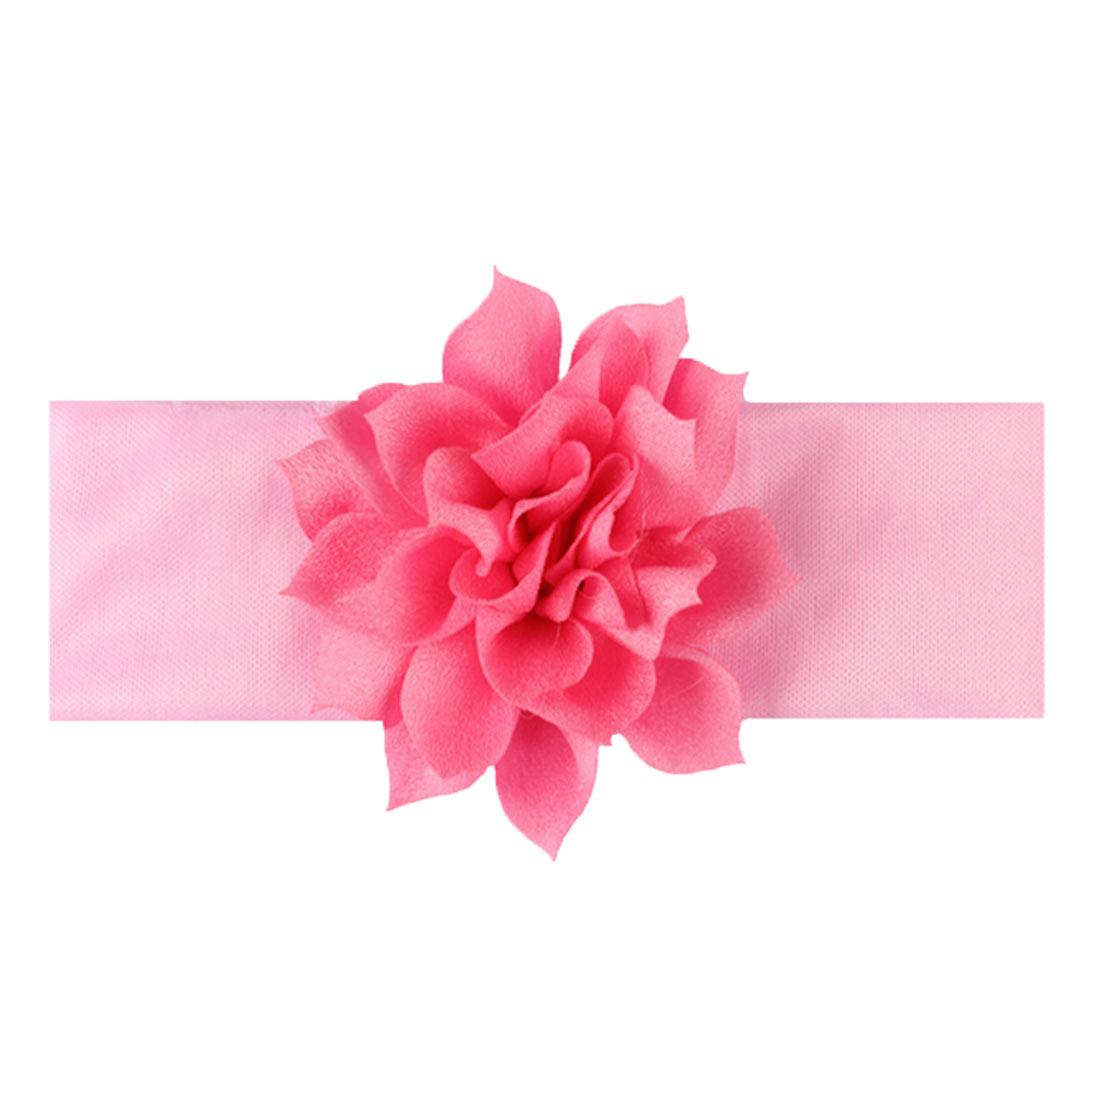 Baby-Bow-Nylon-Headband-Soft-Stretch-Flower-Nylon-Headband-Children-039-s-Headband thumbnail 5